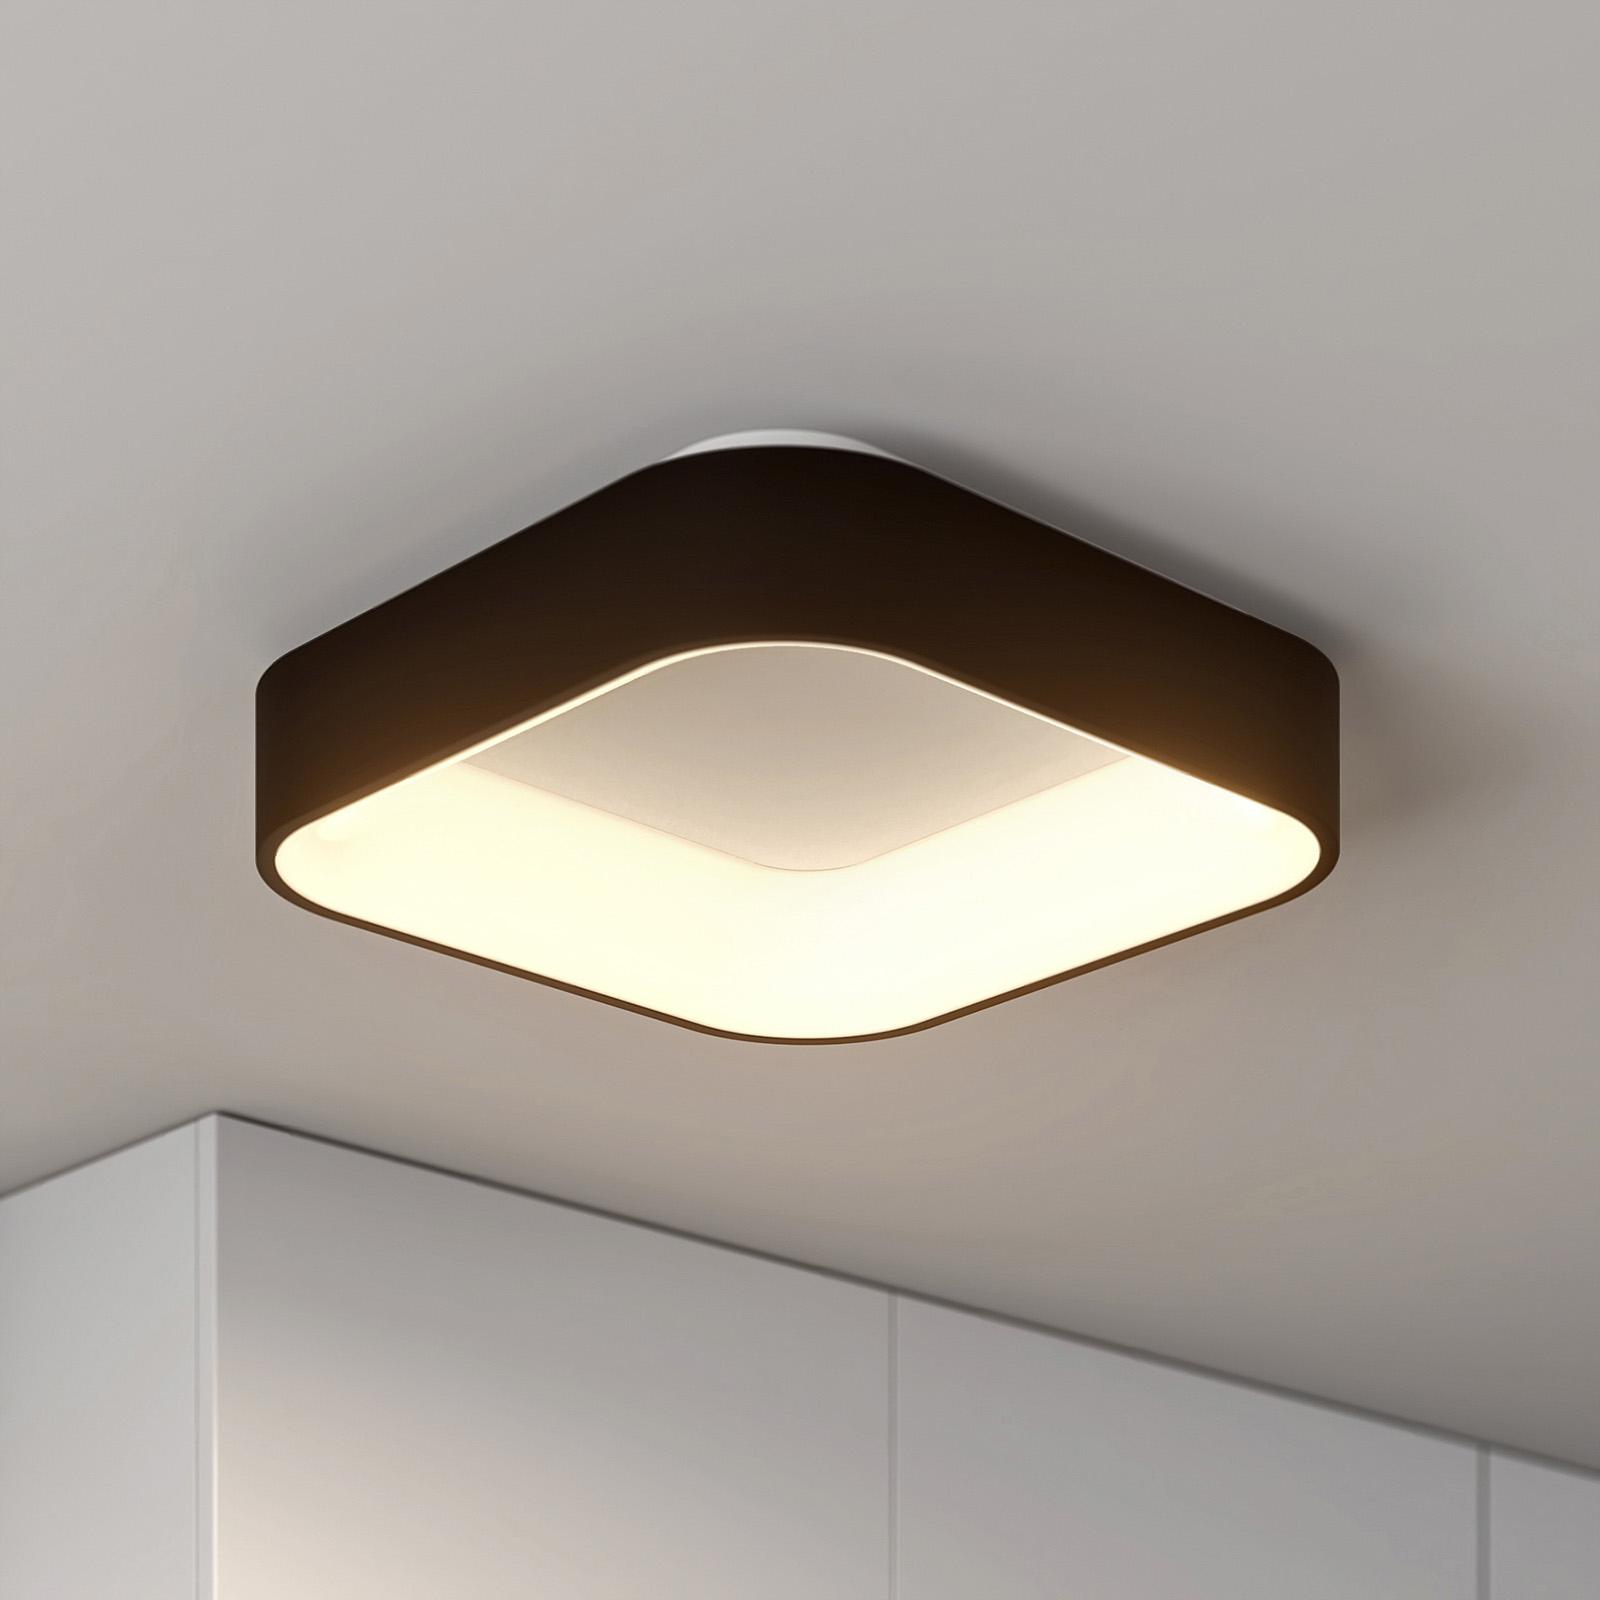 Arcchio Aleksi LED-taklampe, 45 cm, kantet